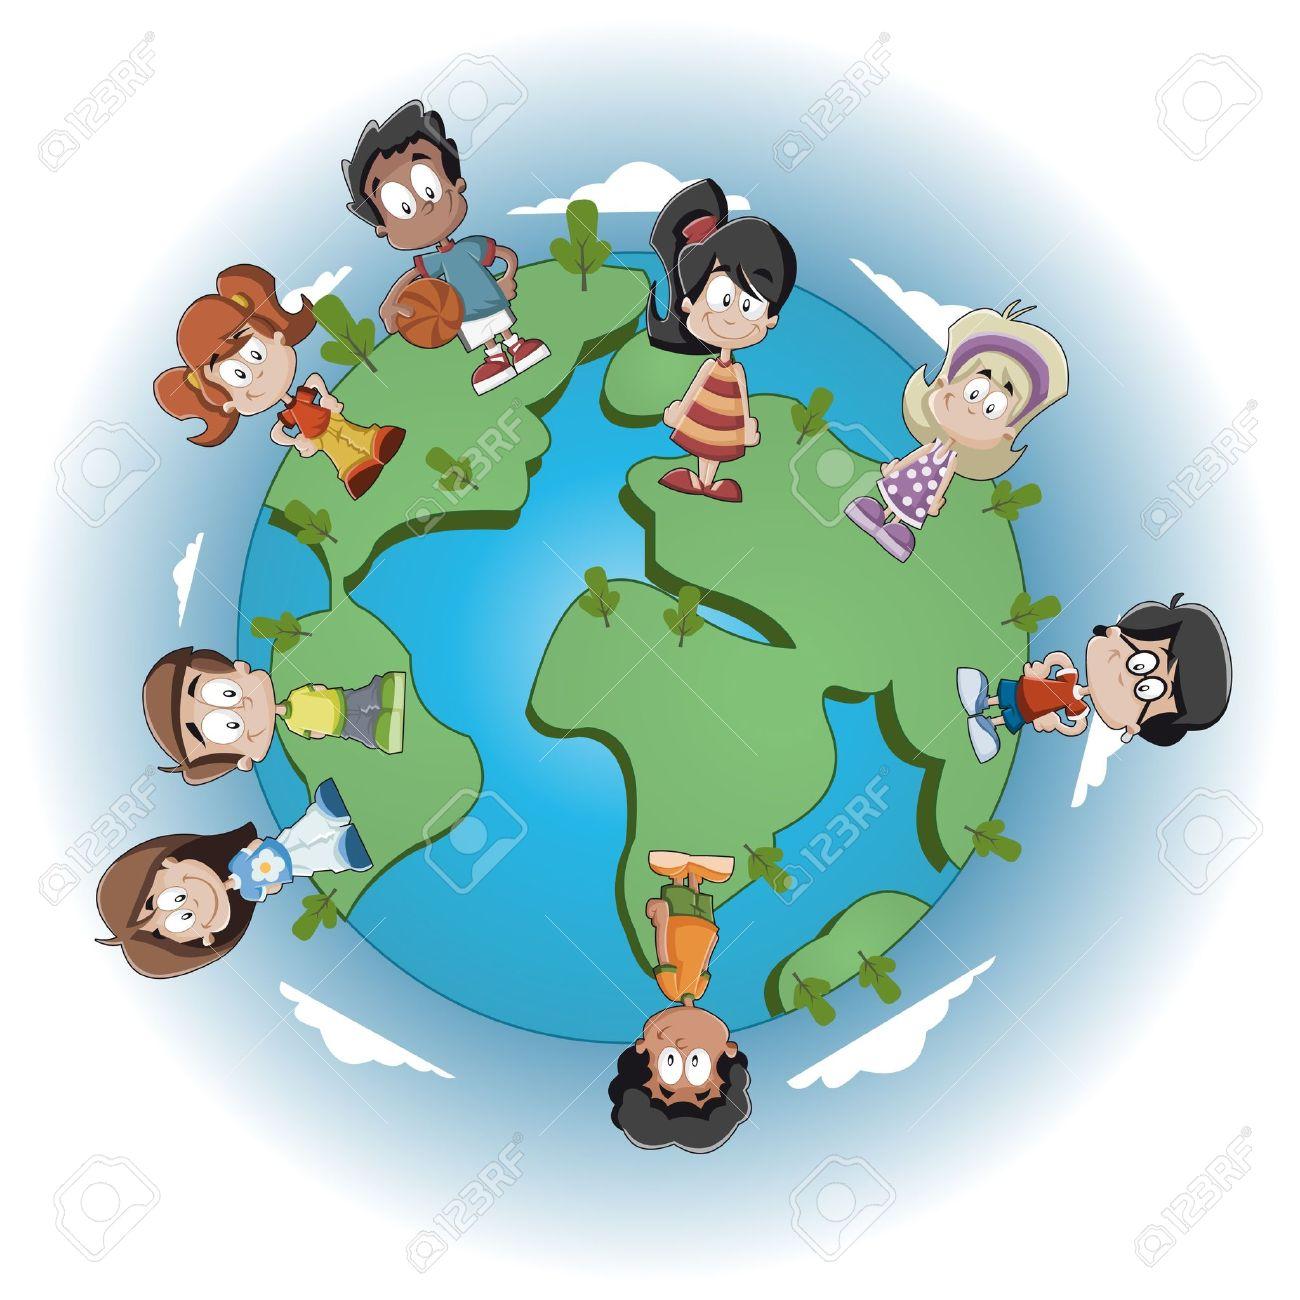 Mignons De Dessin Animé Enfants Heureux Sur La Planète Terre Clip